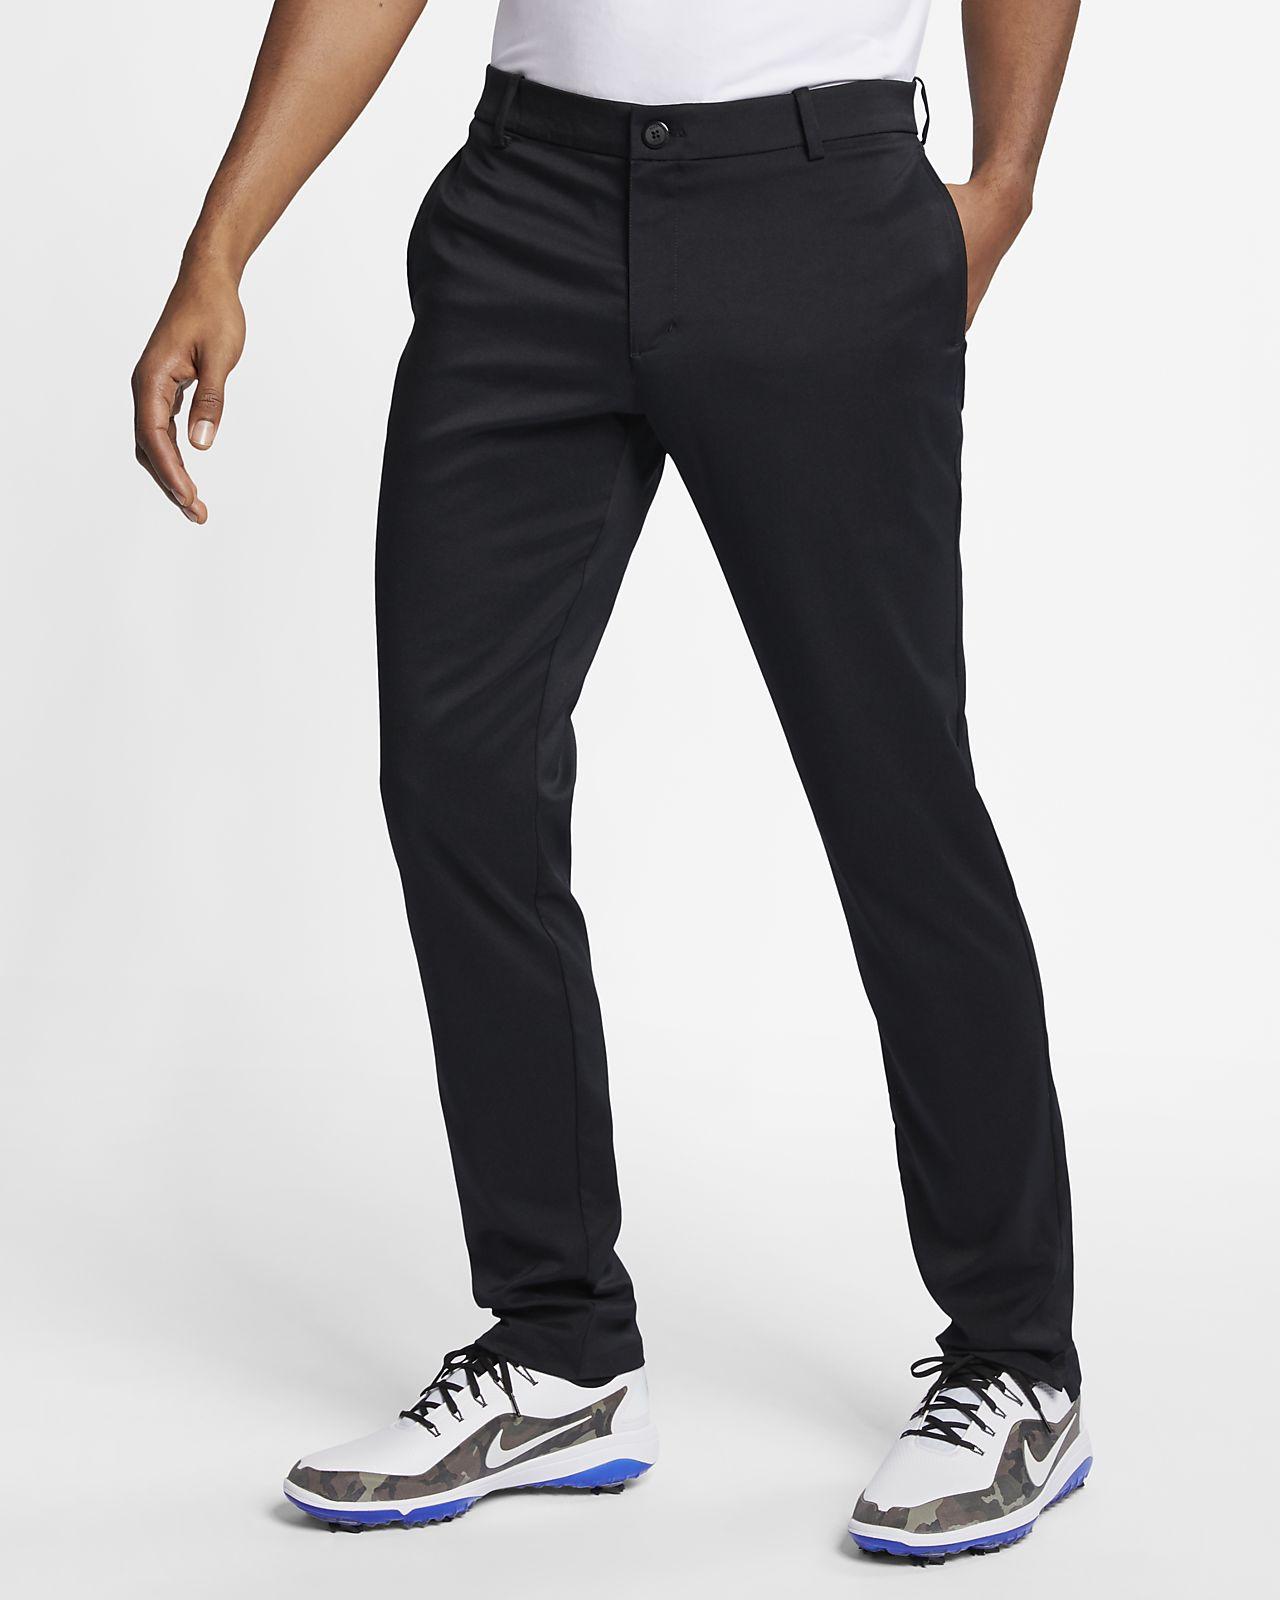 Pánské golfové kalhoty Nike Flex se zeštíhleným střihem